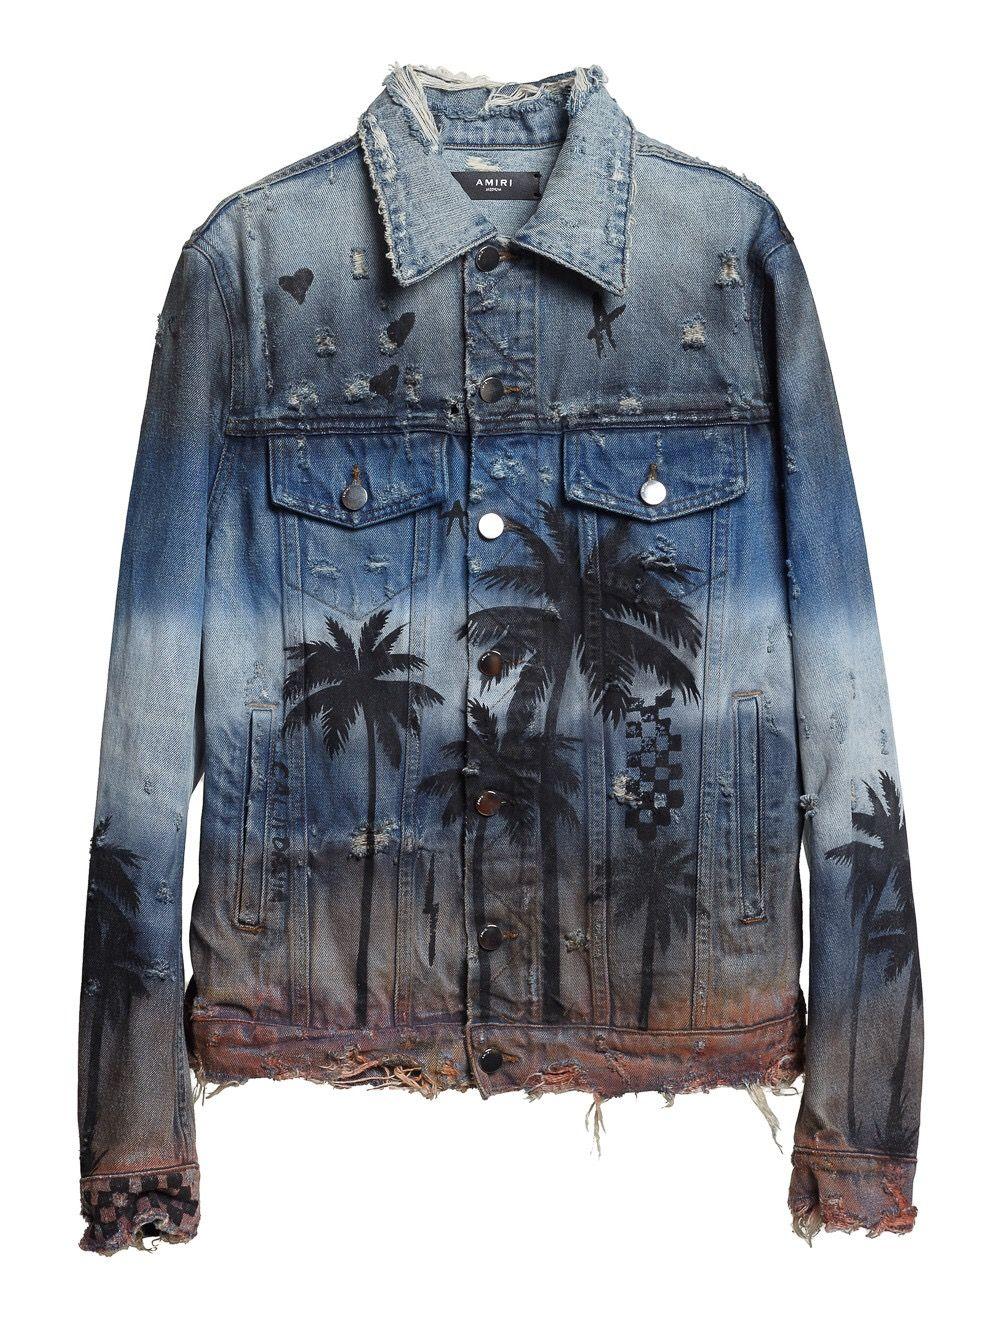 6ae59883465 Amiri Palm Denim Jacket – DopeFahionSense